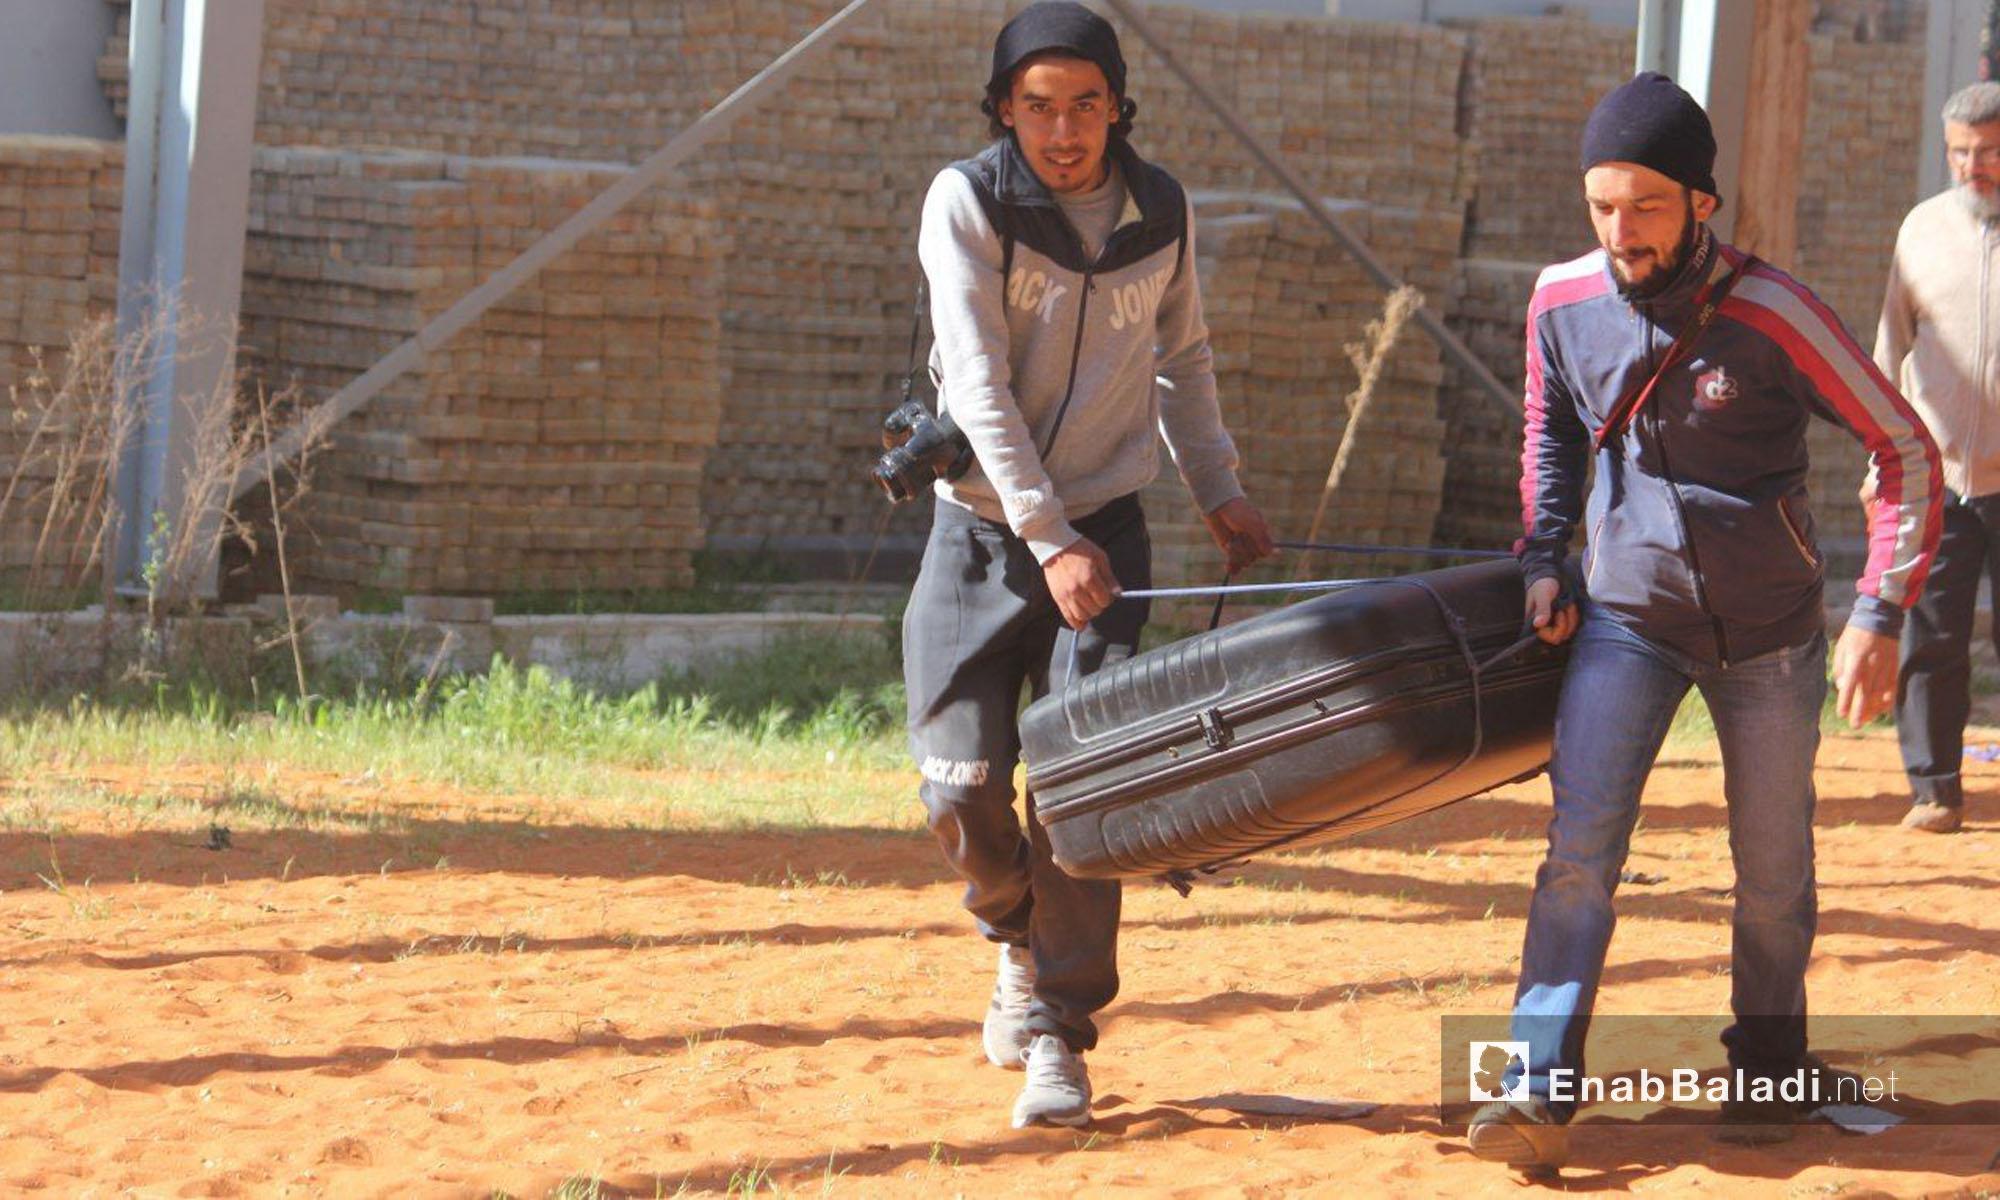 شابان يحملان حقيبة إلى الحافلة المتجهة إلى جرابلس - 24 نيسان 2017 (عنب بلدي)